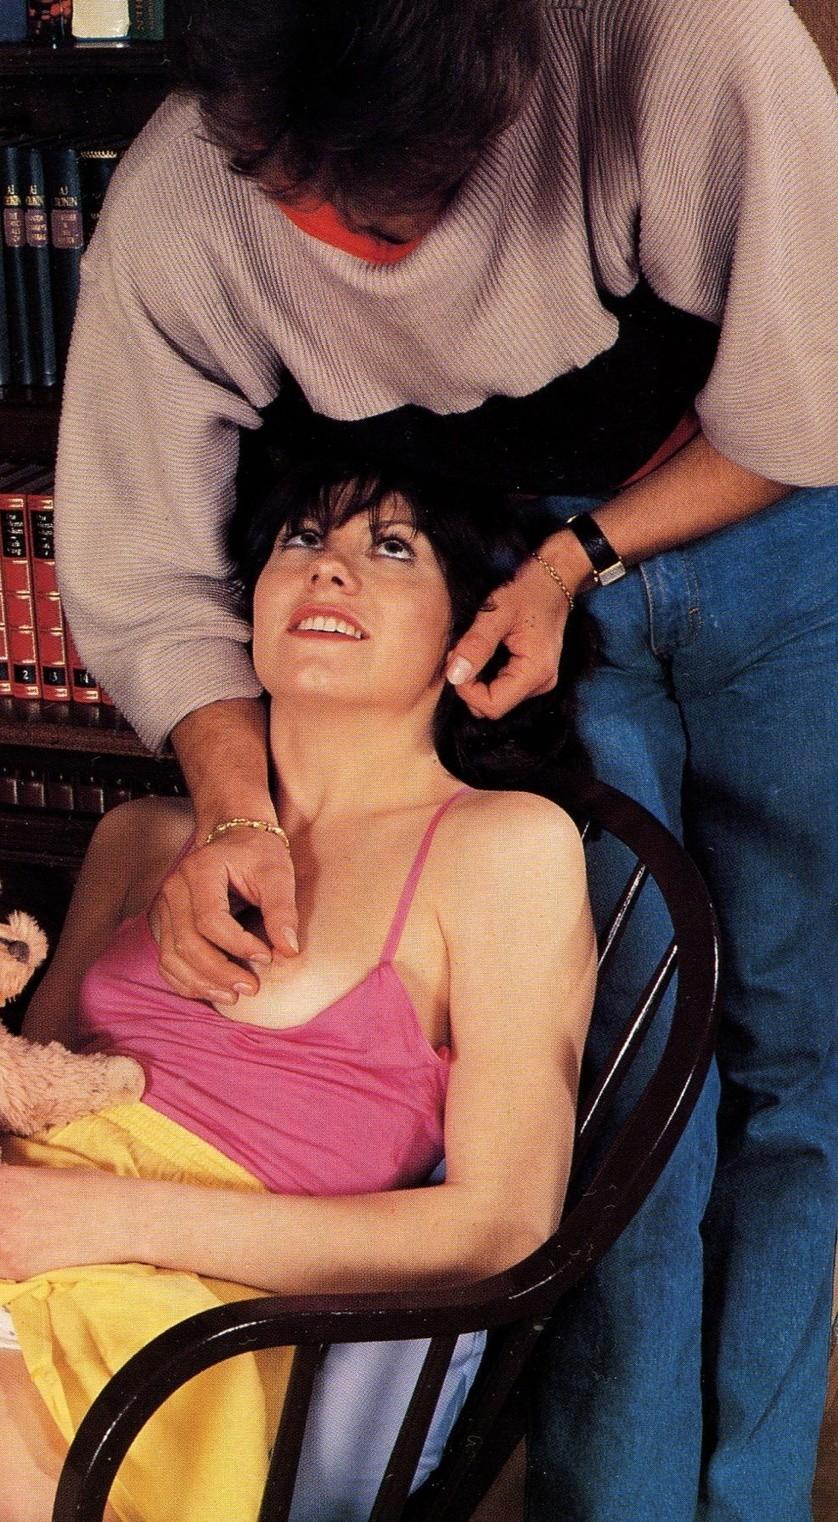 Винтажные снимки, где обычный расслабляющий массаж заканчивается трахом в библиотеке